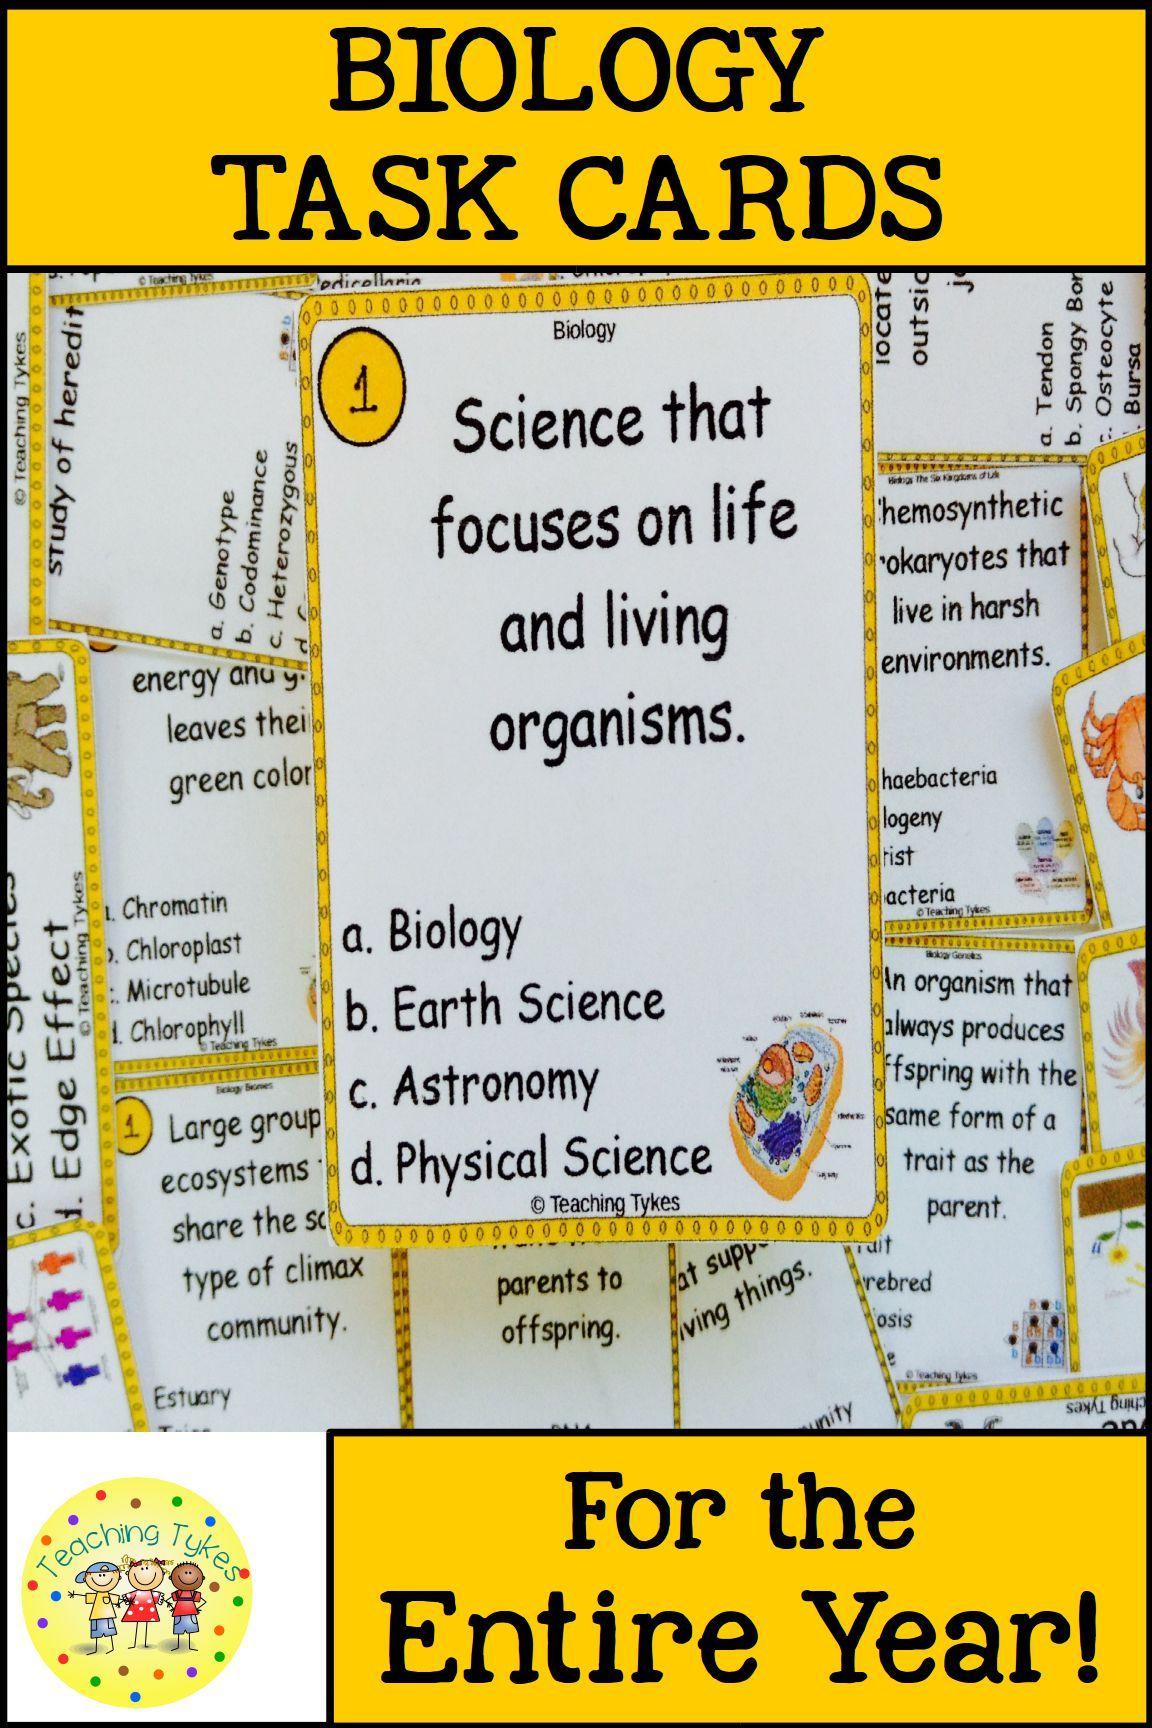 Biology Task Cards